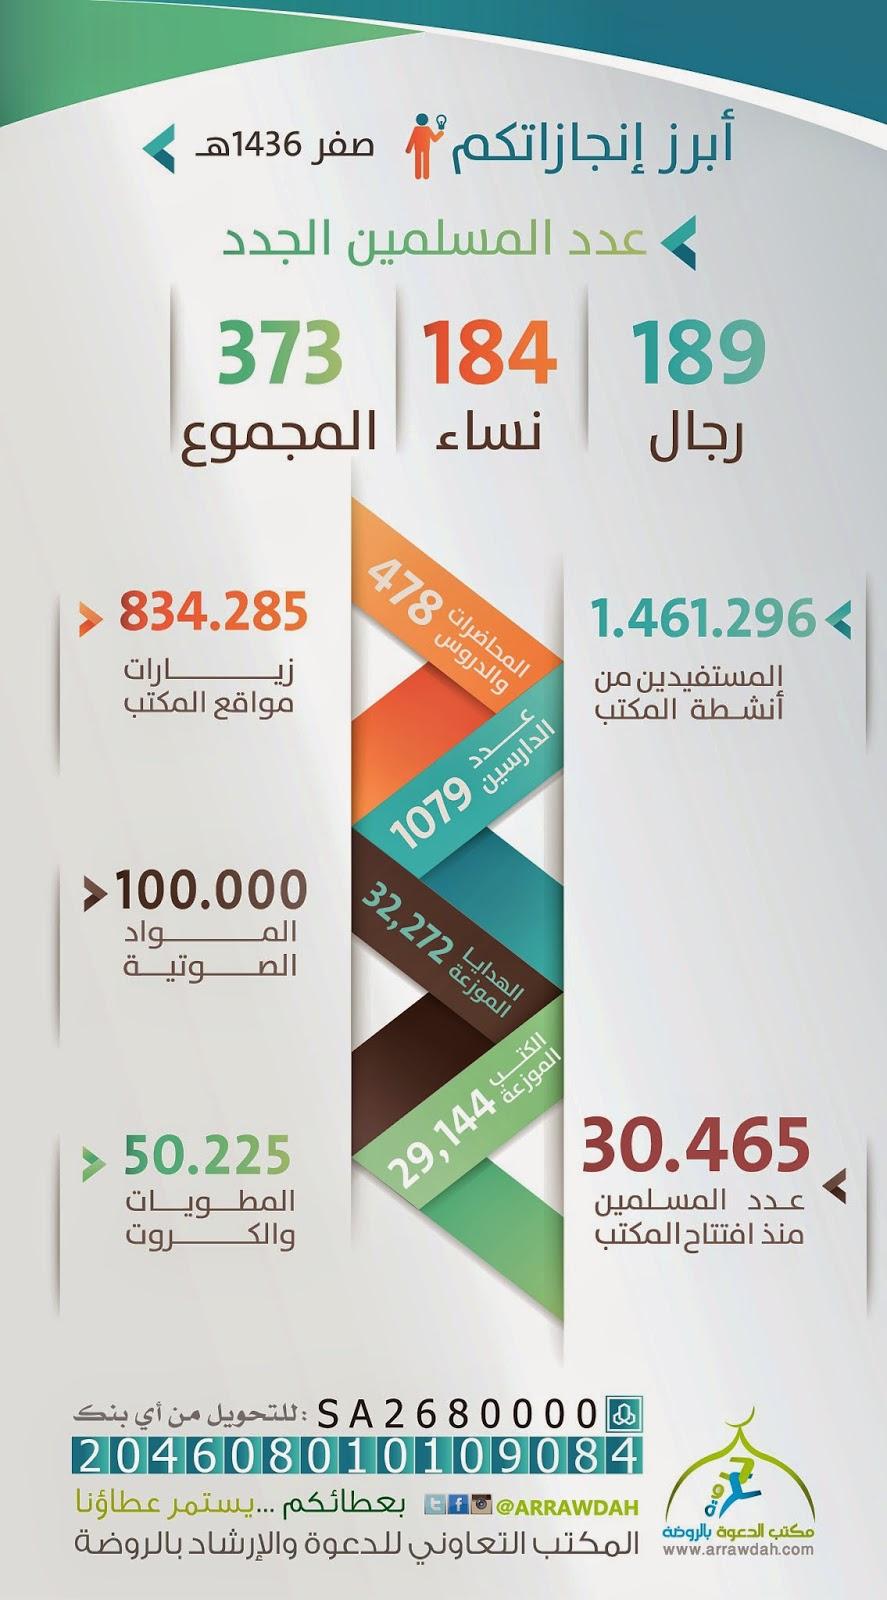 عدد المسلمين الجدد مكتب الدعوة بالروضة (30465)